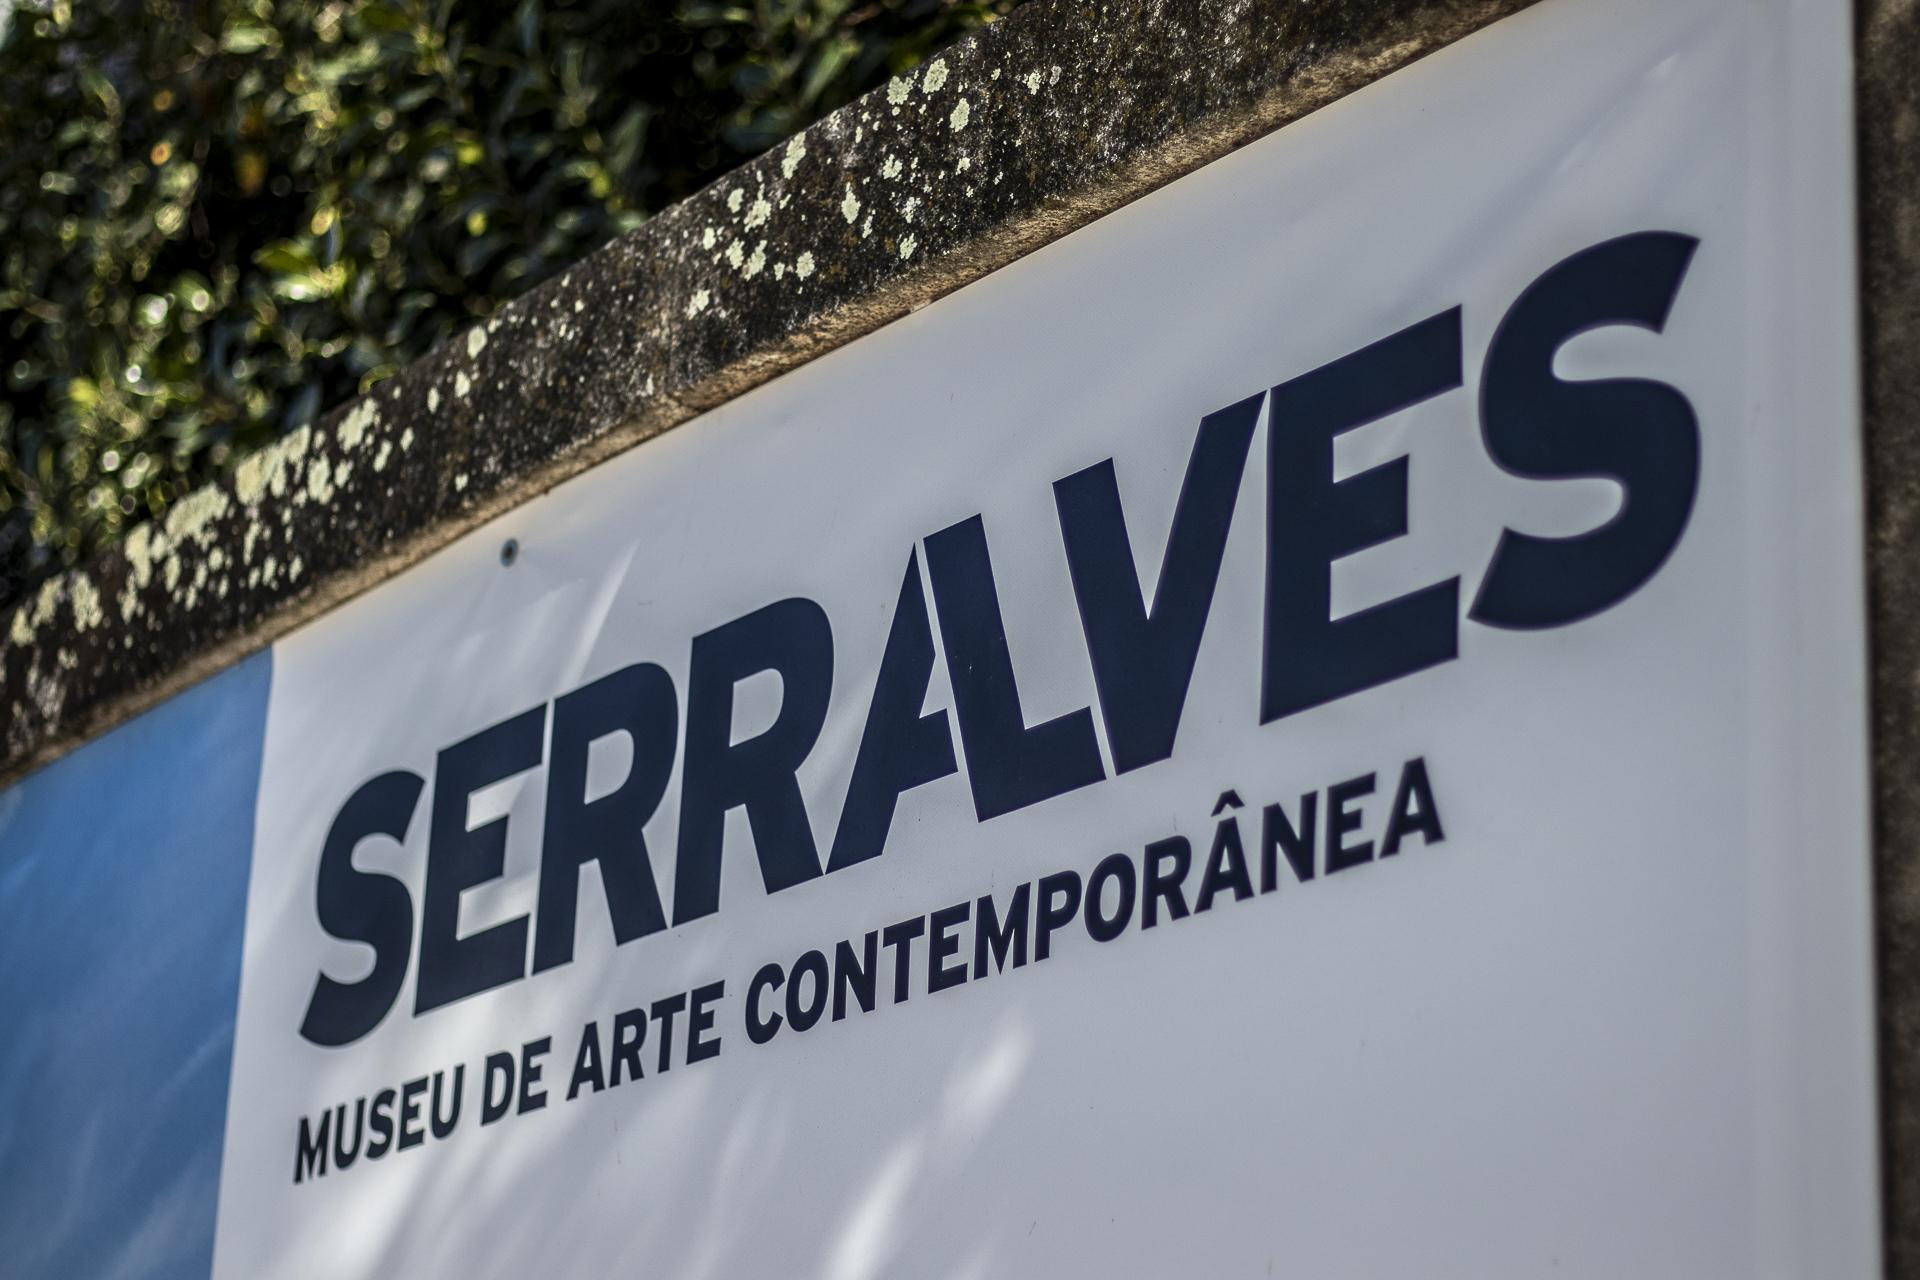 Serralves: Obras de Pedro Costa mostram cruzamento de expressões artísticas